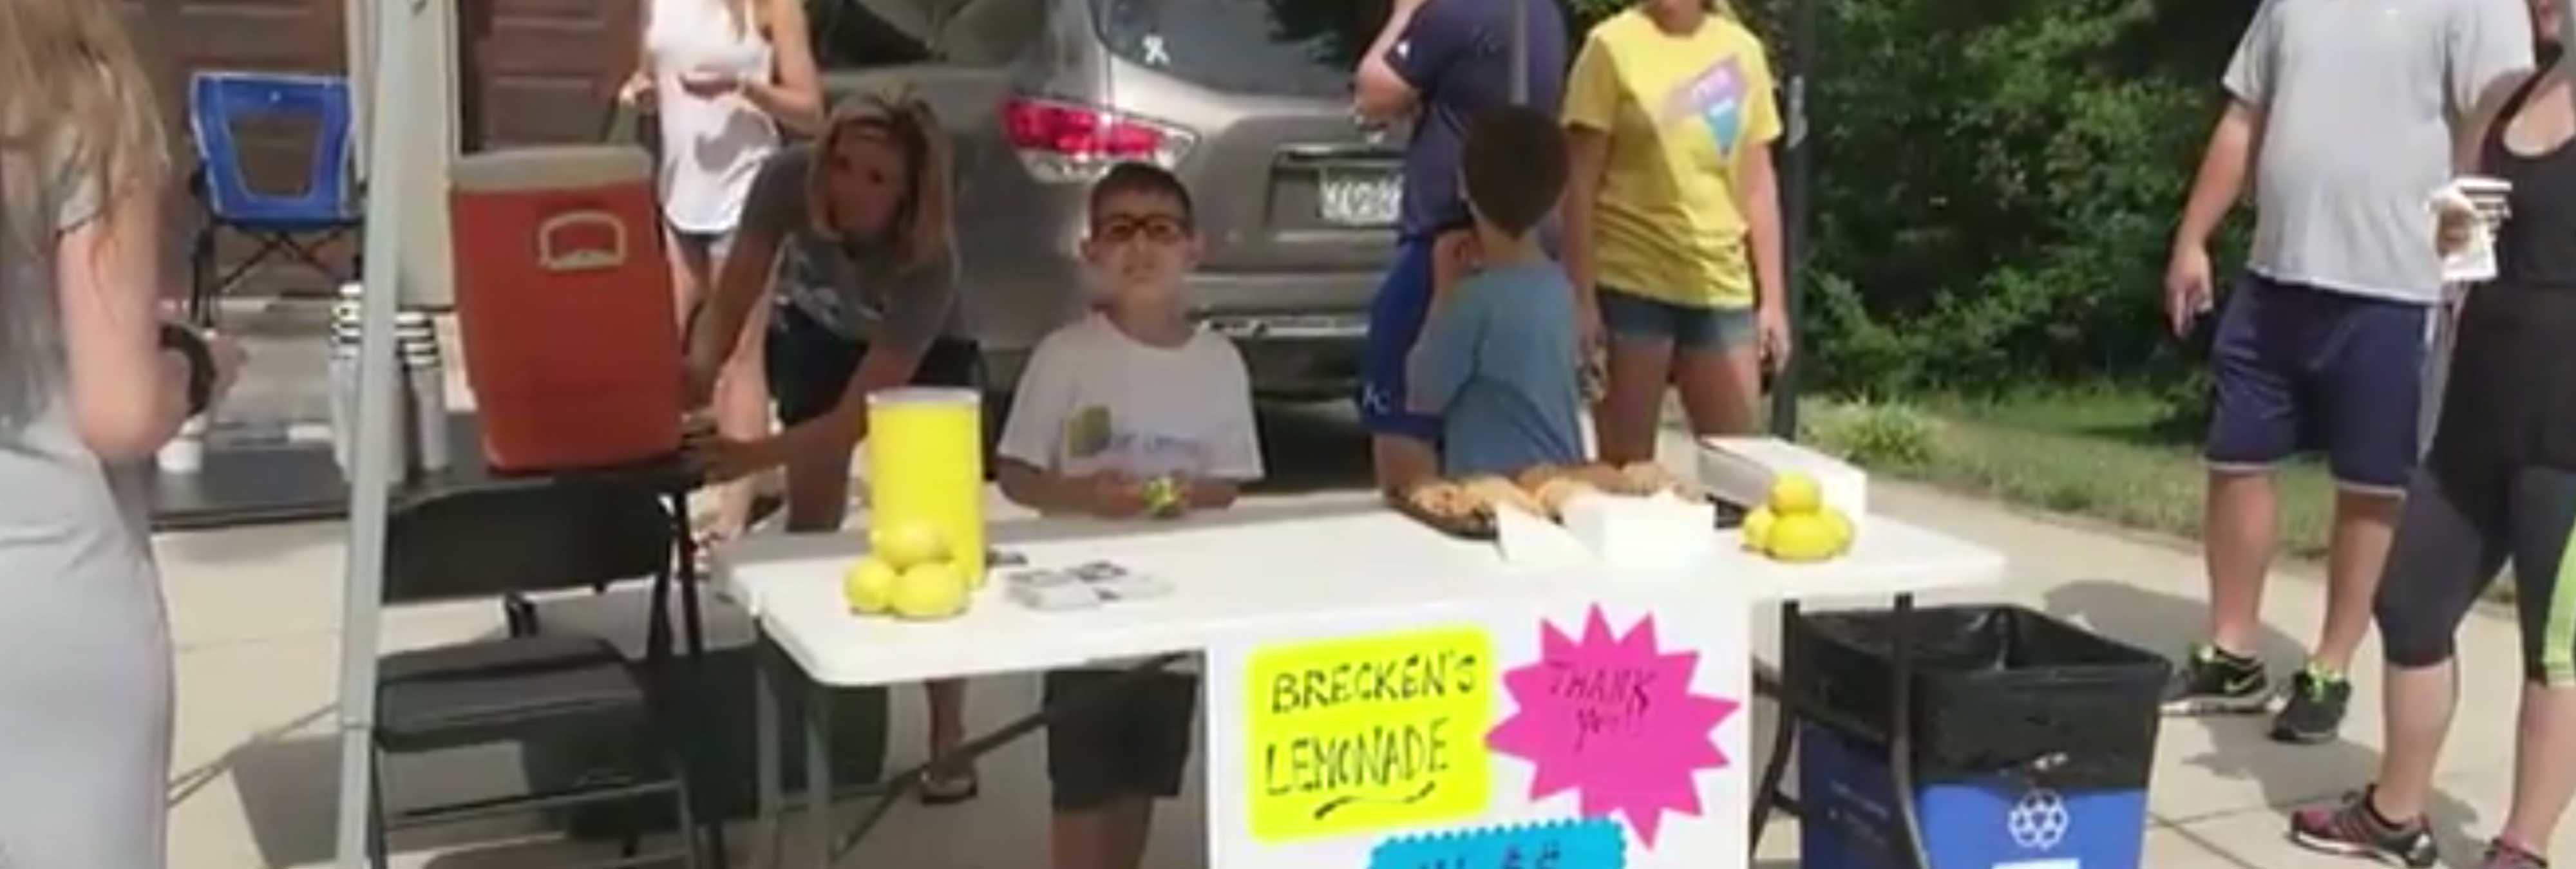 Un adolescente atraca a punta de pistola a un niño de 9 años que vendía limonada en EEUU